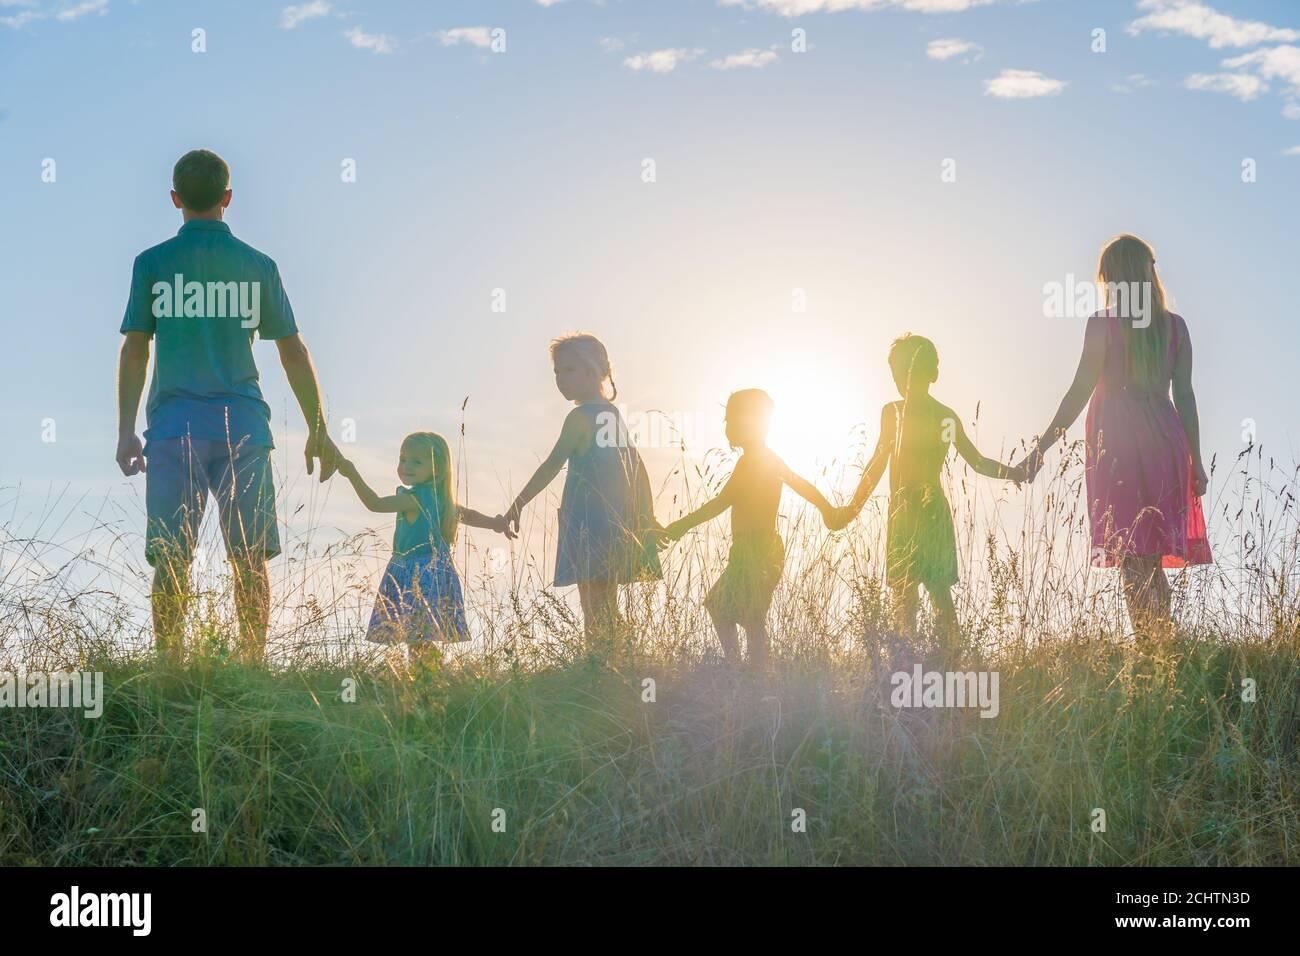 Eine große Familie steht mit Händen vor dem Hintergrund des Sonnenuntergangs. Stockfoto